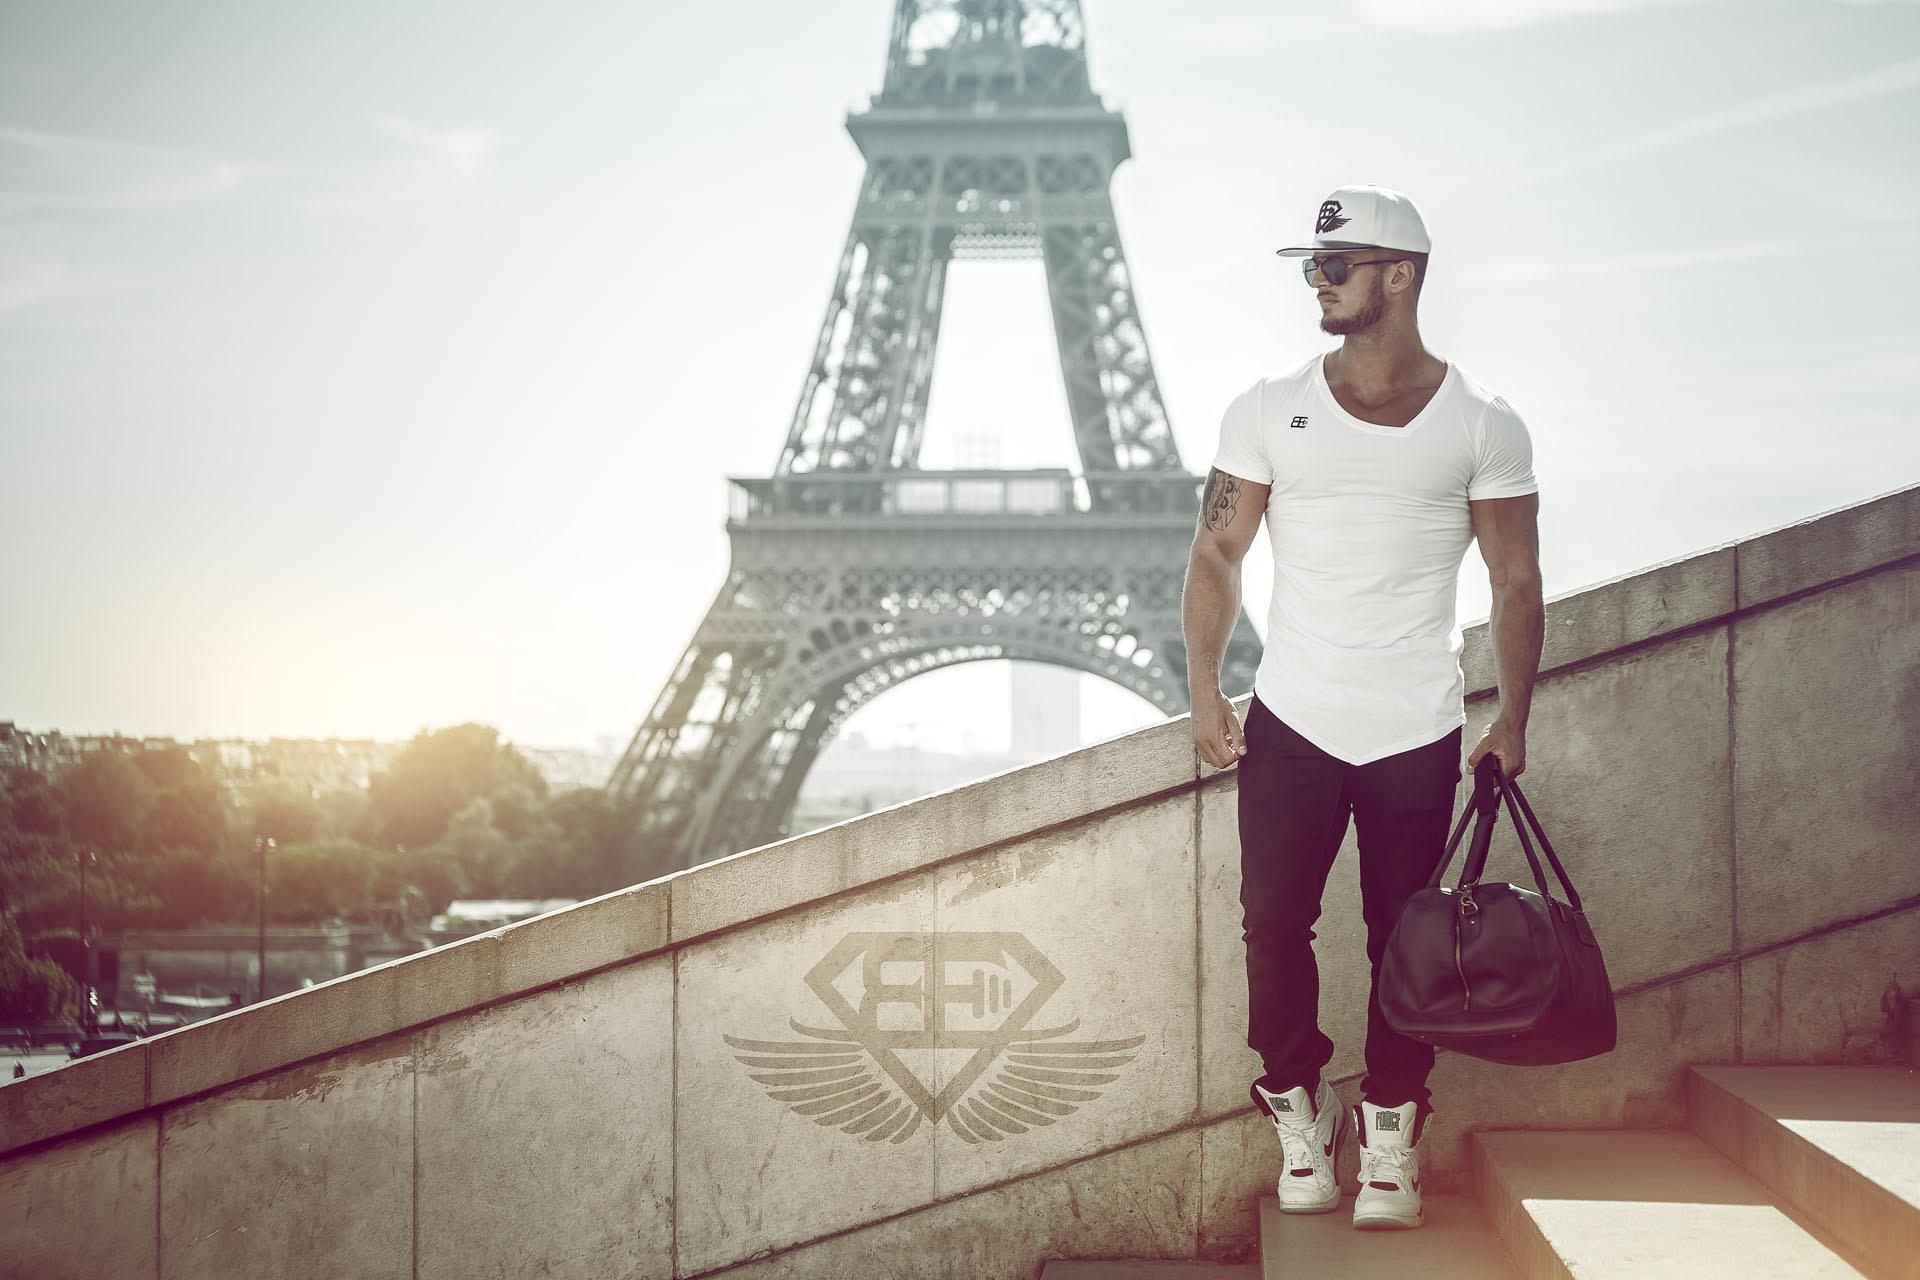 2015-09-11 - Anthony Amar - BE - Paris & ParadiForm - 8367 - 1920px